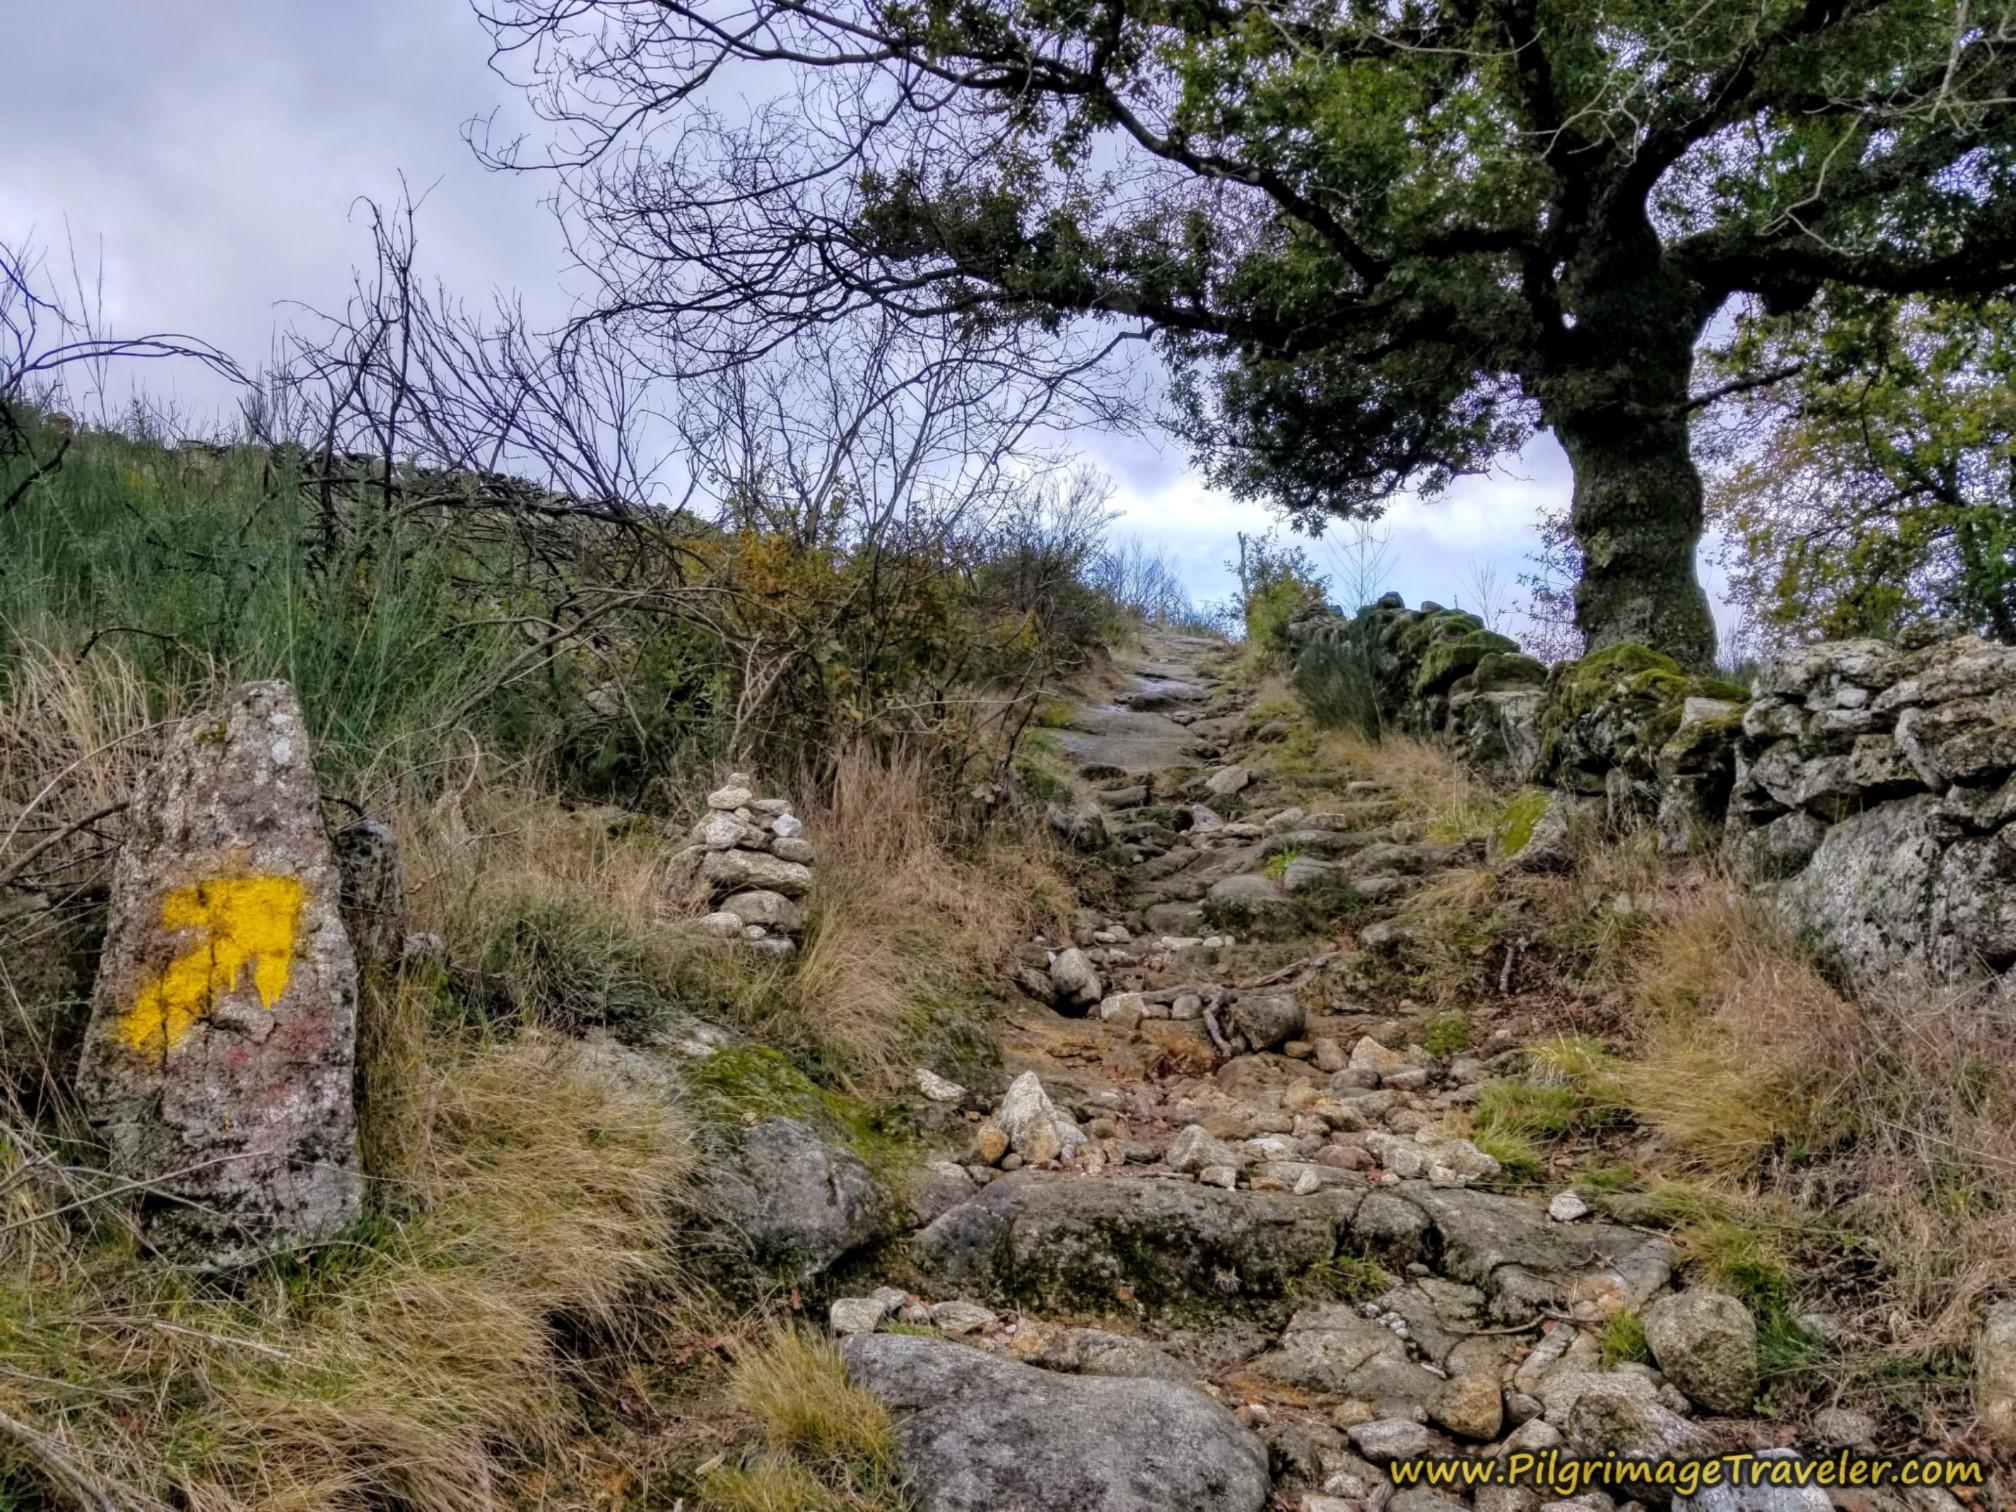 Terrain Opens Up, Camino Sanabrés, Cea to Estación de Lalín